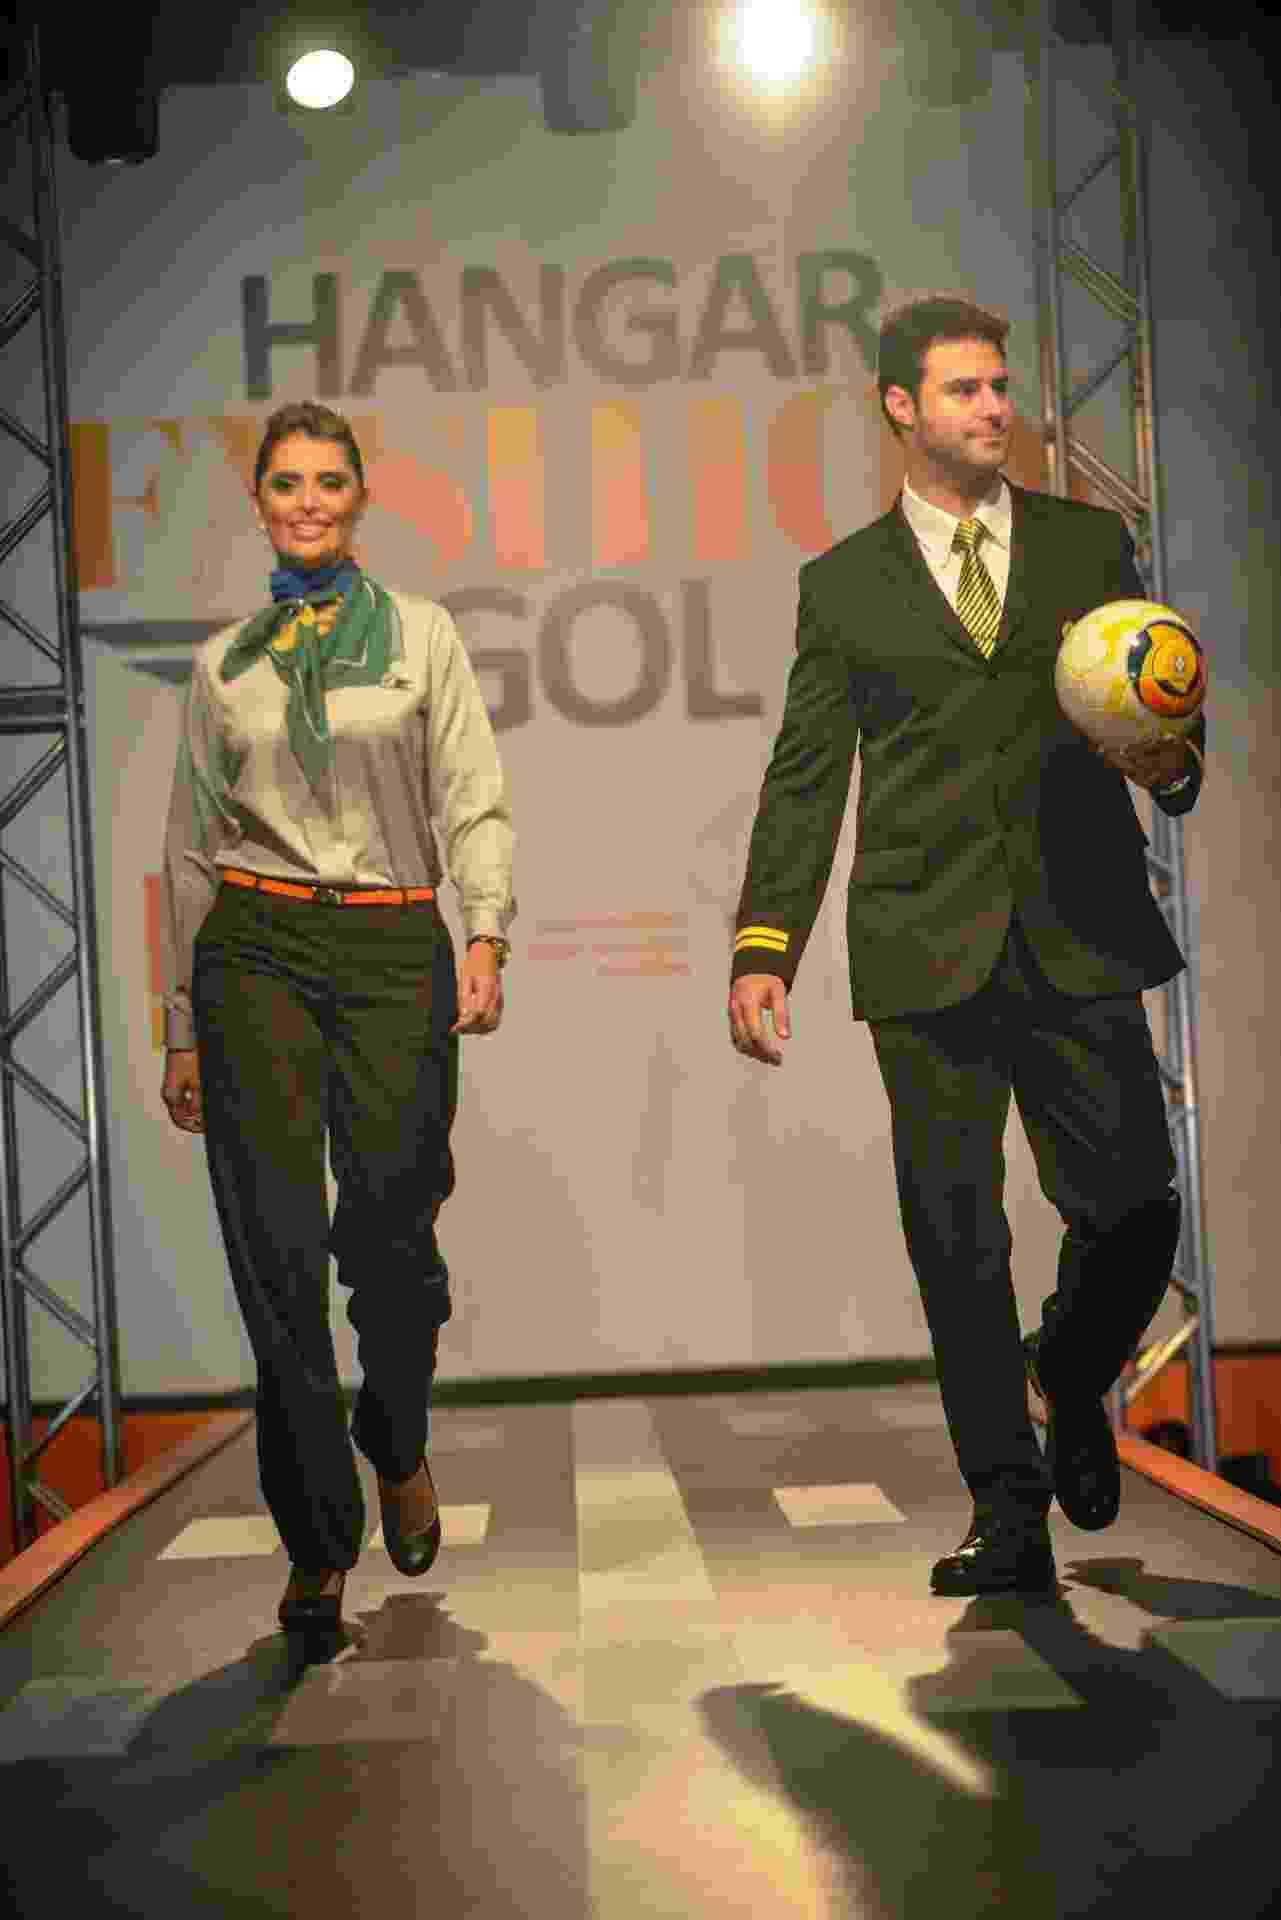 A companhia aérea Gol lançou uma linha de uniformes desenvolvidos por uma estilista em conjunto com funcionários de diferentes áreas da companhia. Na foto, a comissária e o copiloto usam lenço e gravatas verde-amarelas em alusão à Copa do Mundo. (veja fotos de mais modelos acima) - Divulgação